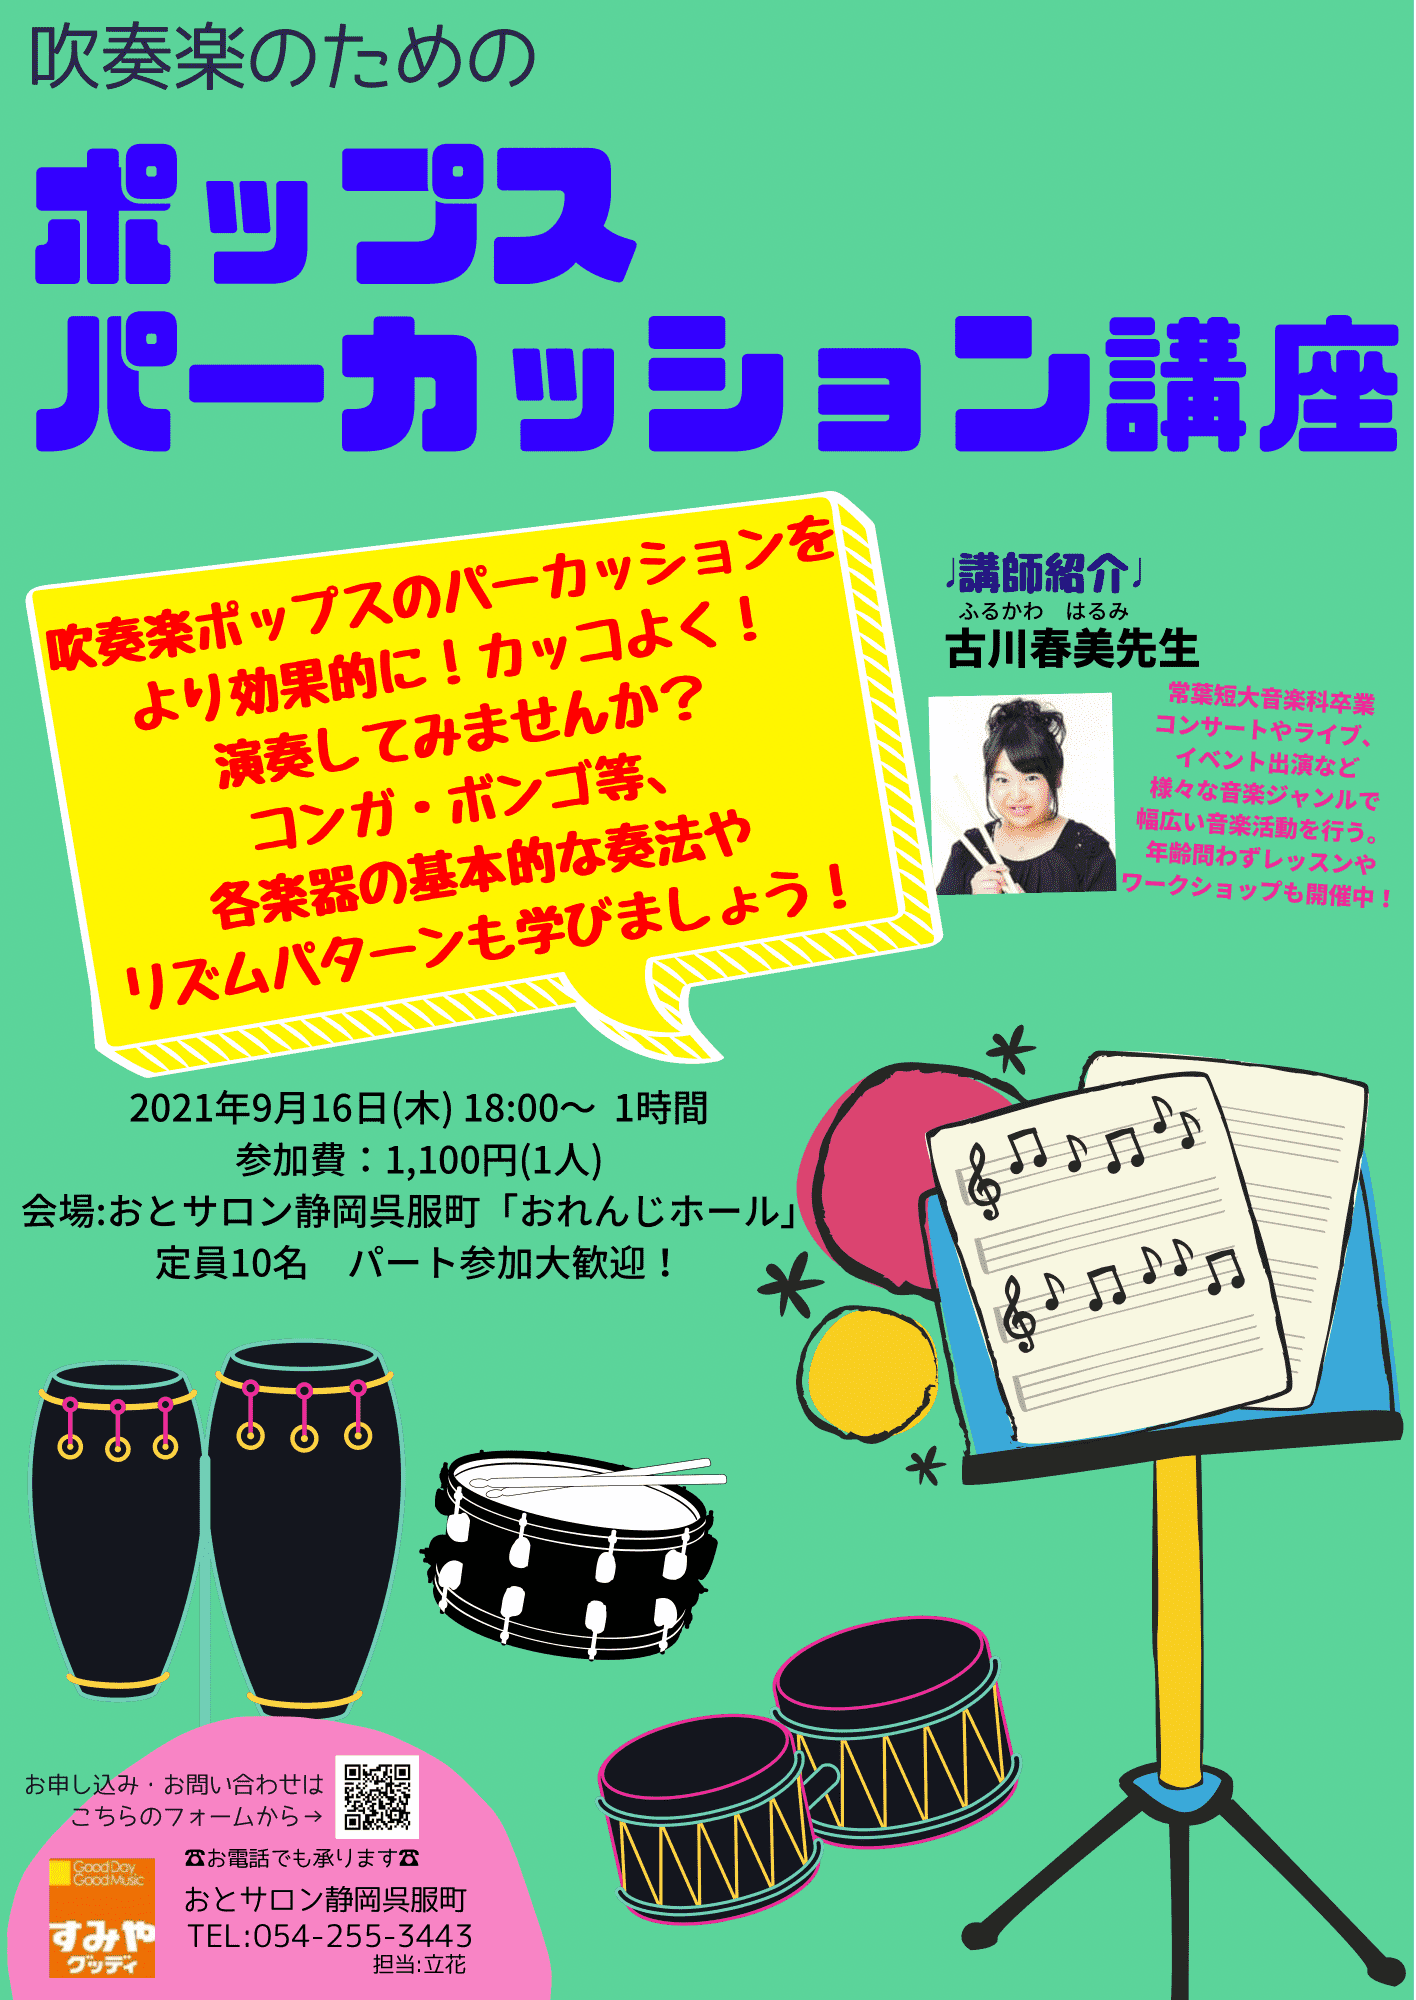 古川先生パーカッション講座チラシ最新!!_optimized.png